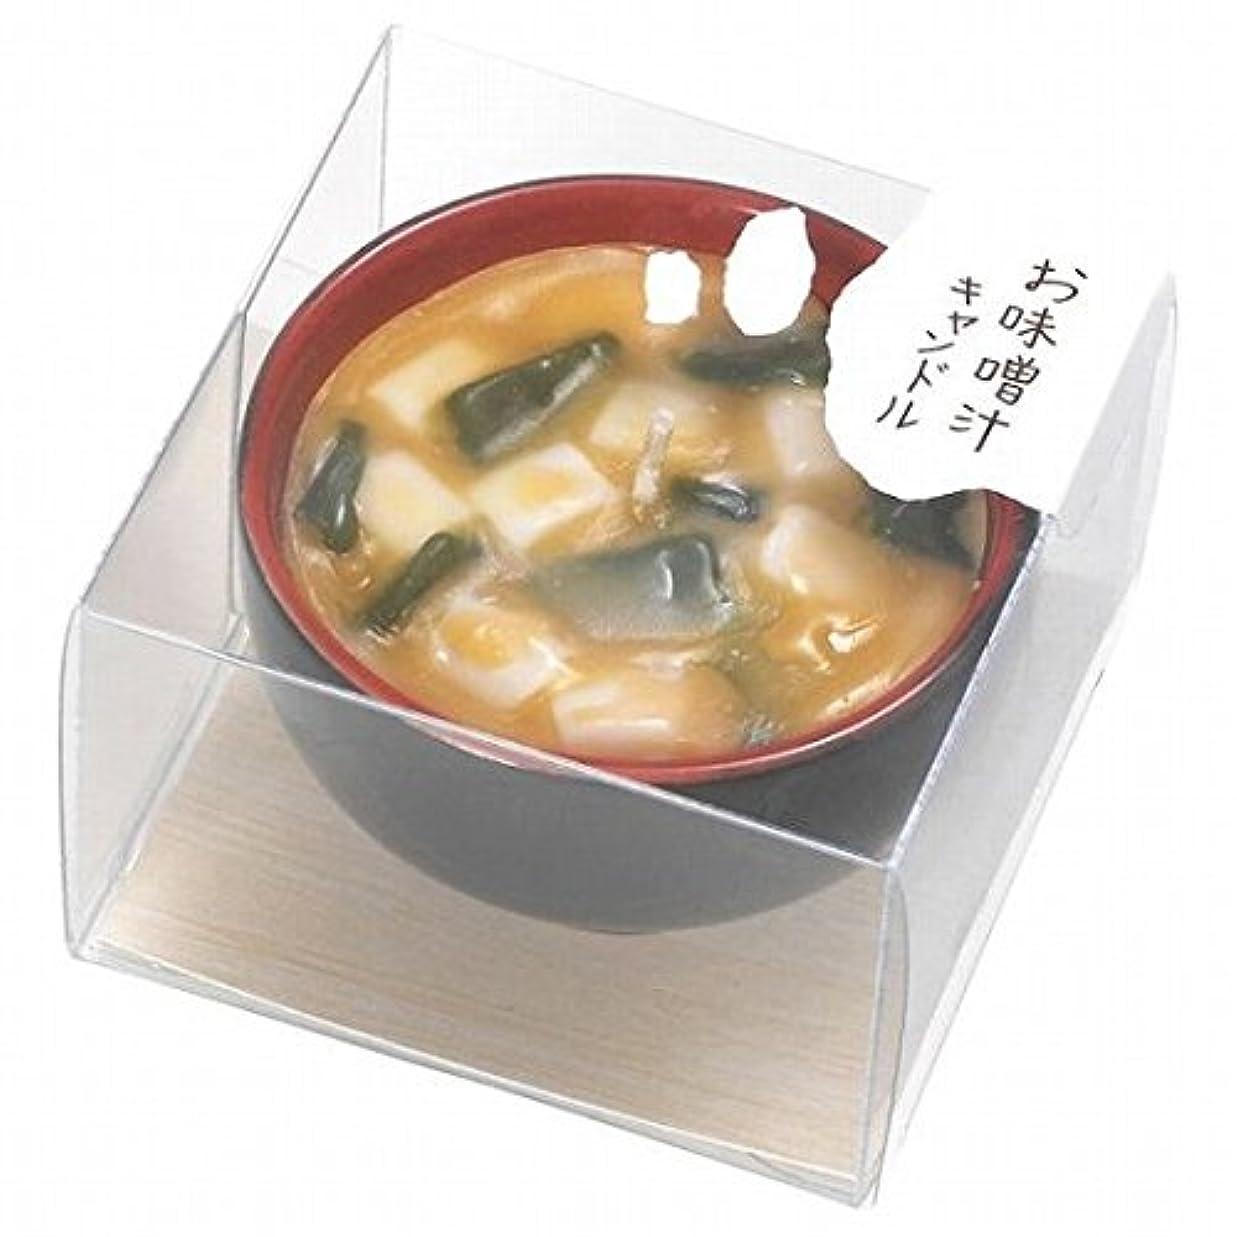 に対してコロニアル田舎者kameyama candle(カメヤマキャンドル) お味噌汁キャンドル(86950000)